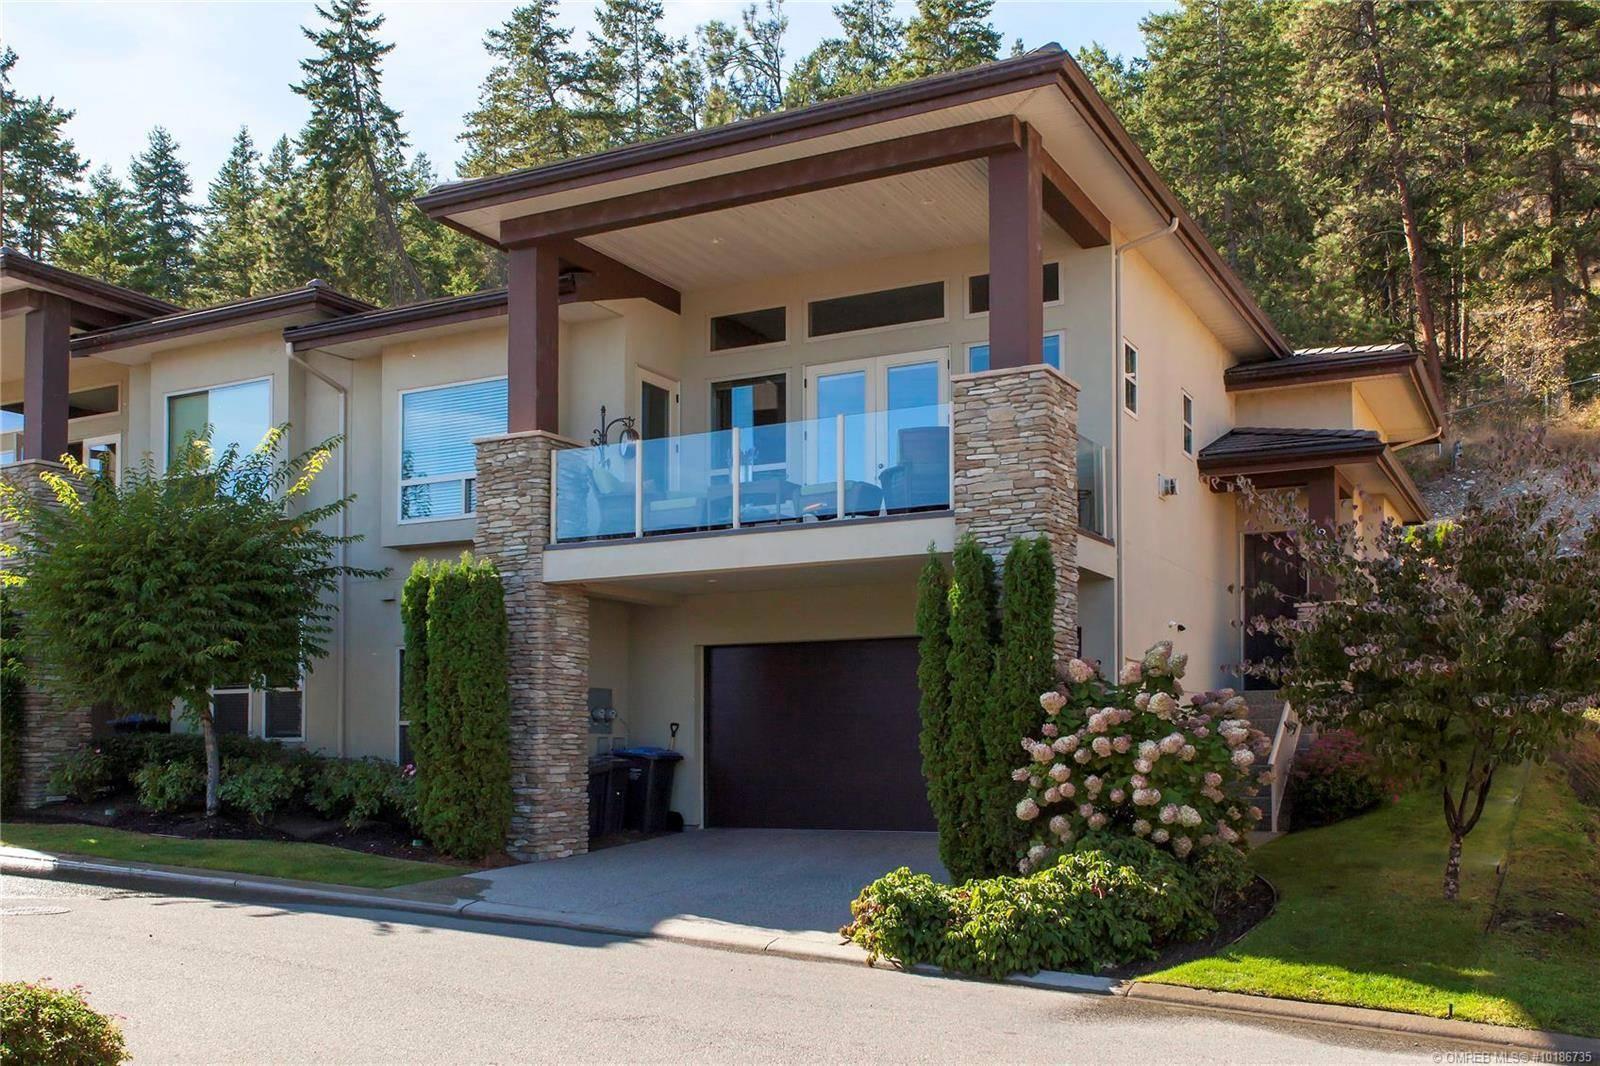 Buliding: 2493 Casa Palmero Drive, West Kelowna, BC